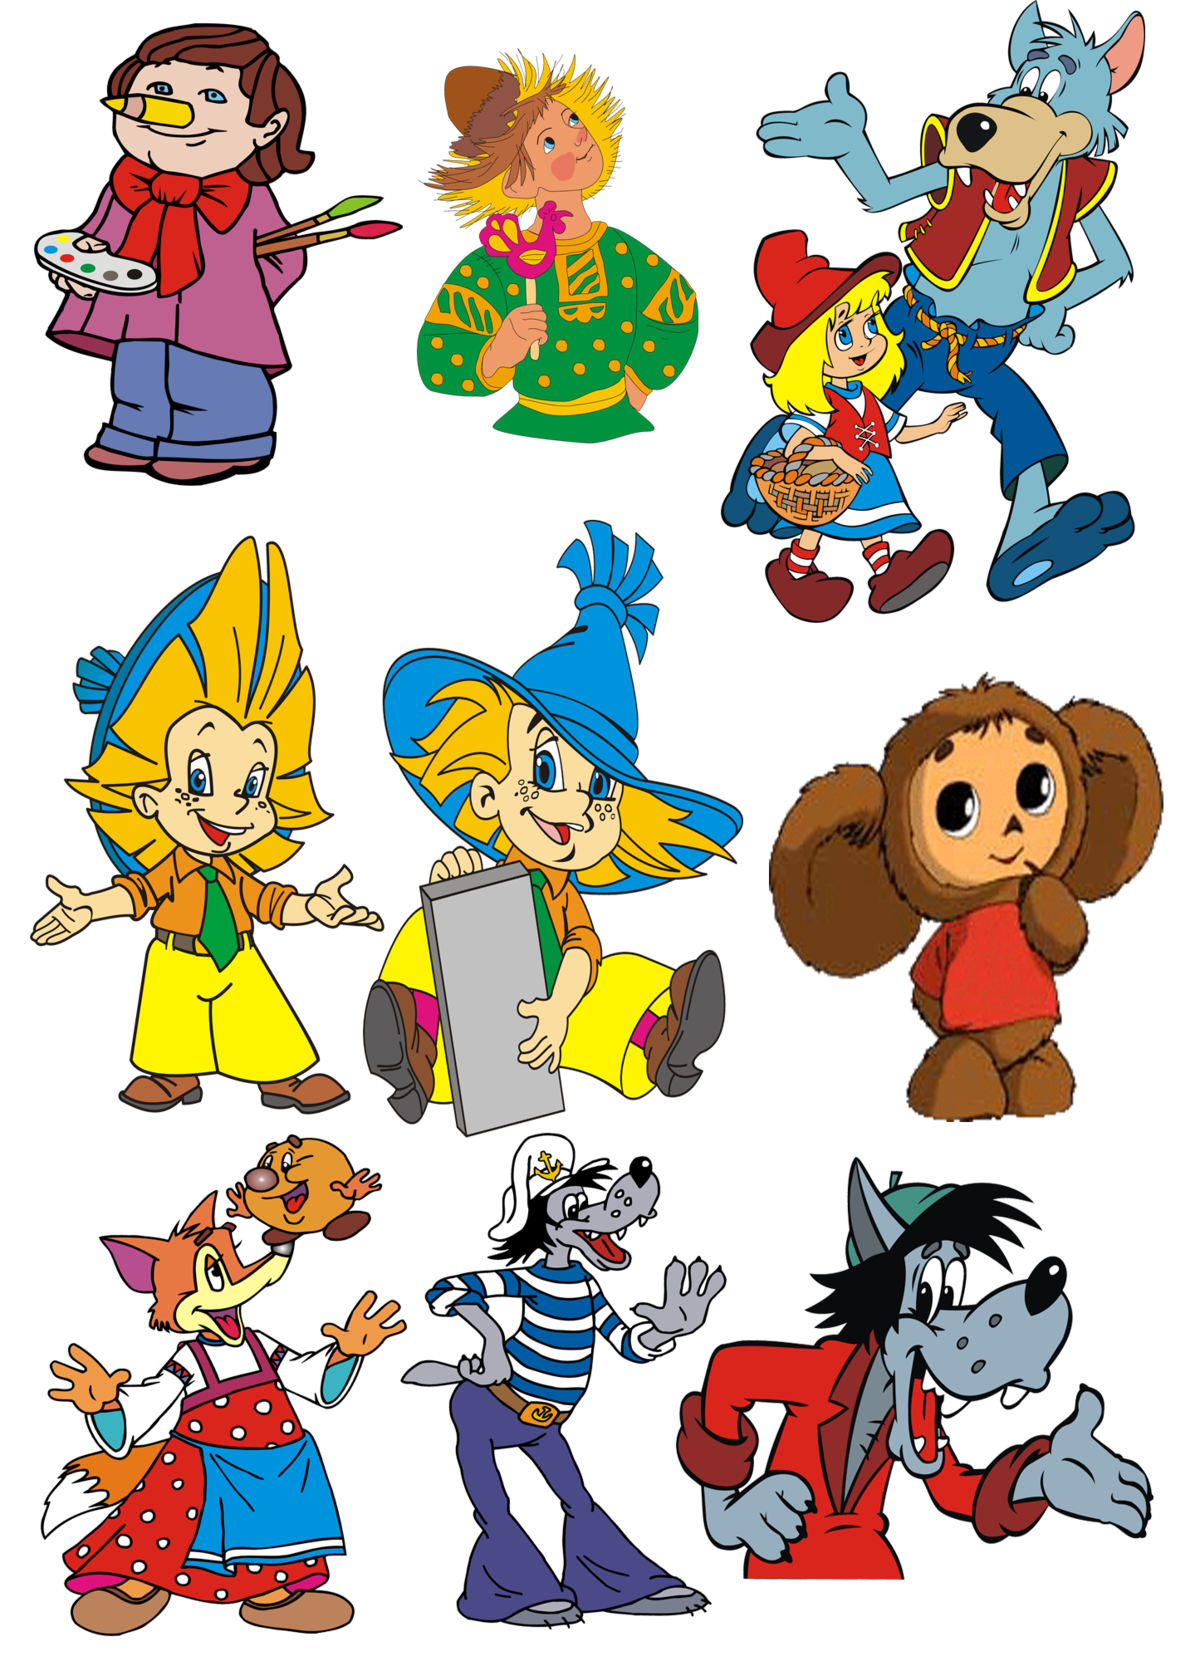 Персонажи из мультфильмов сказок картинки